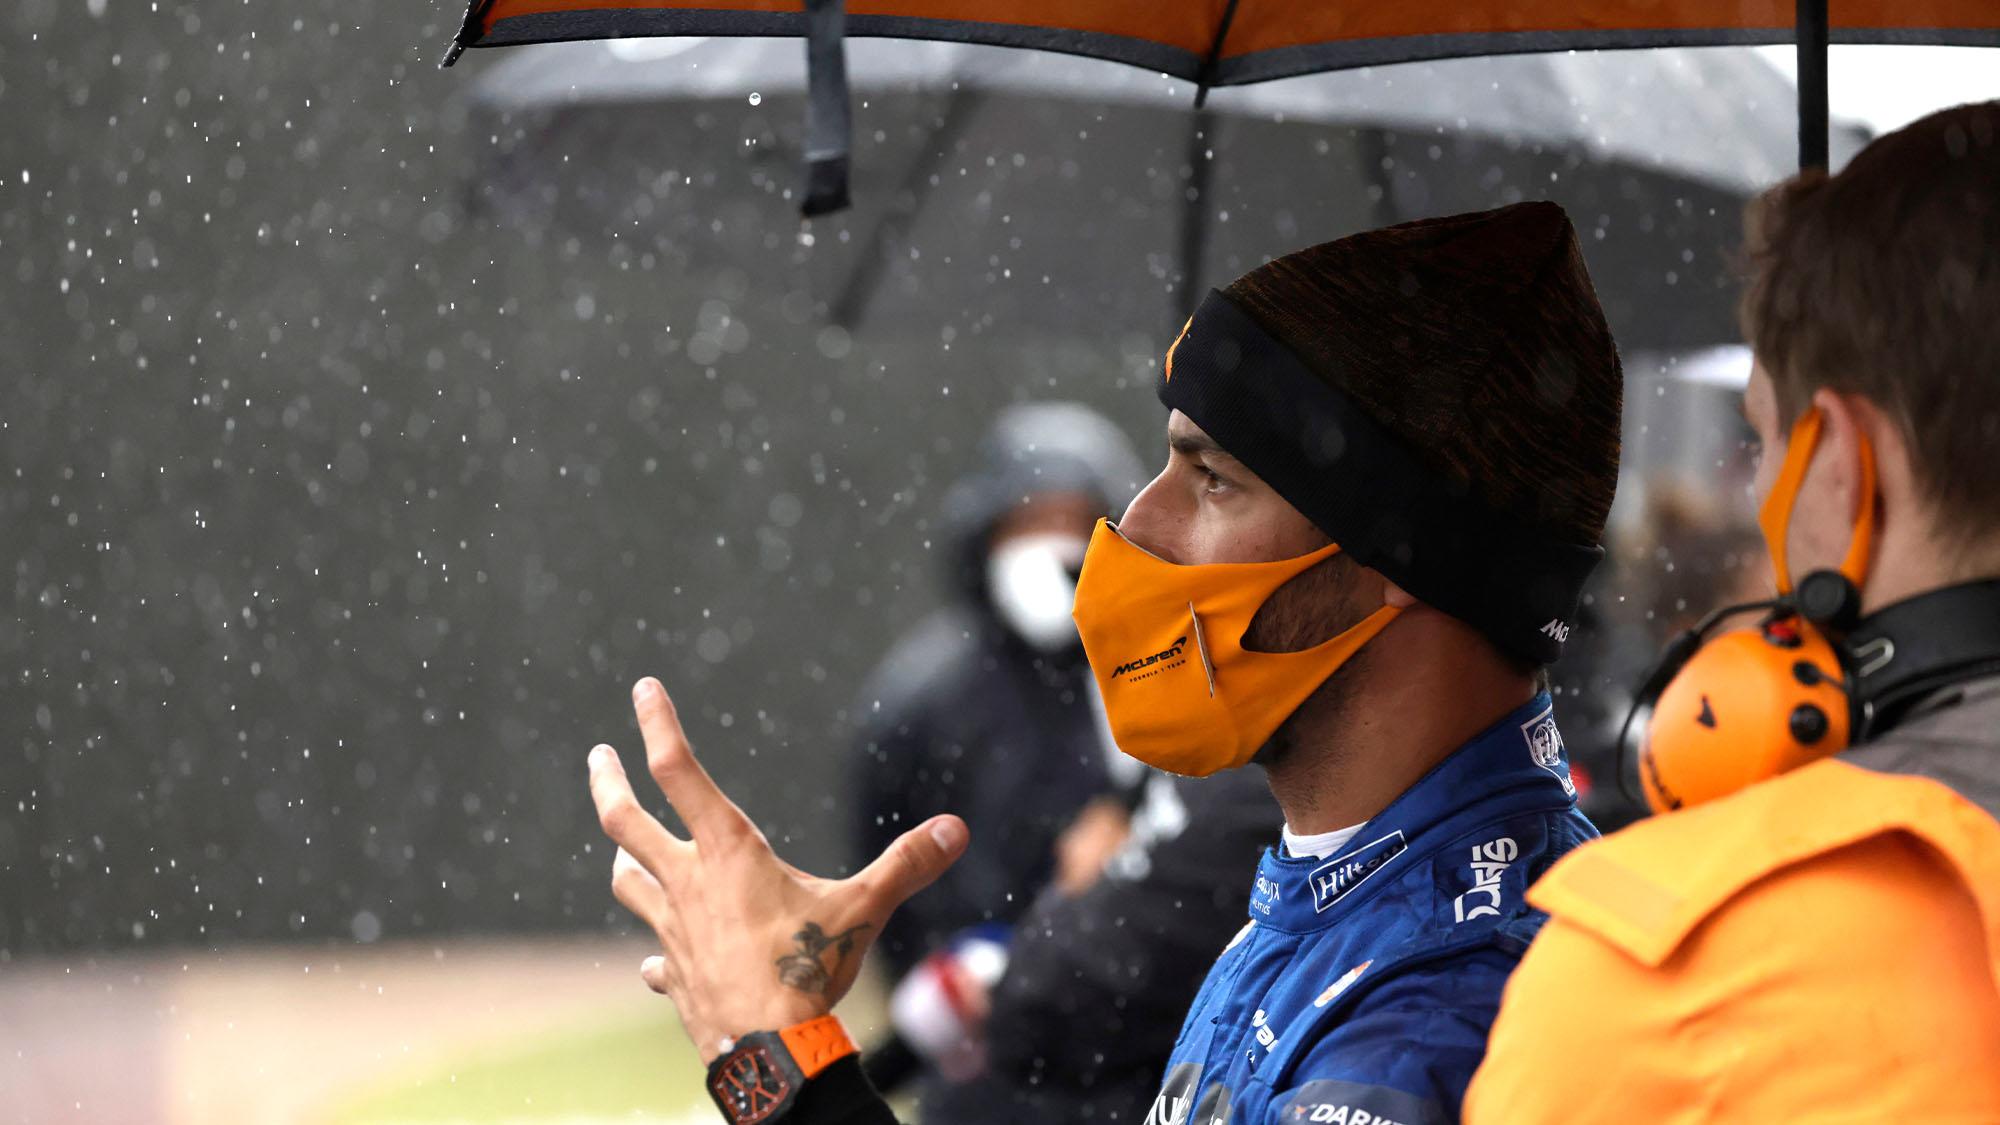 Ricciardo grid